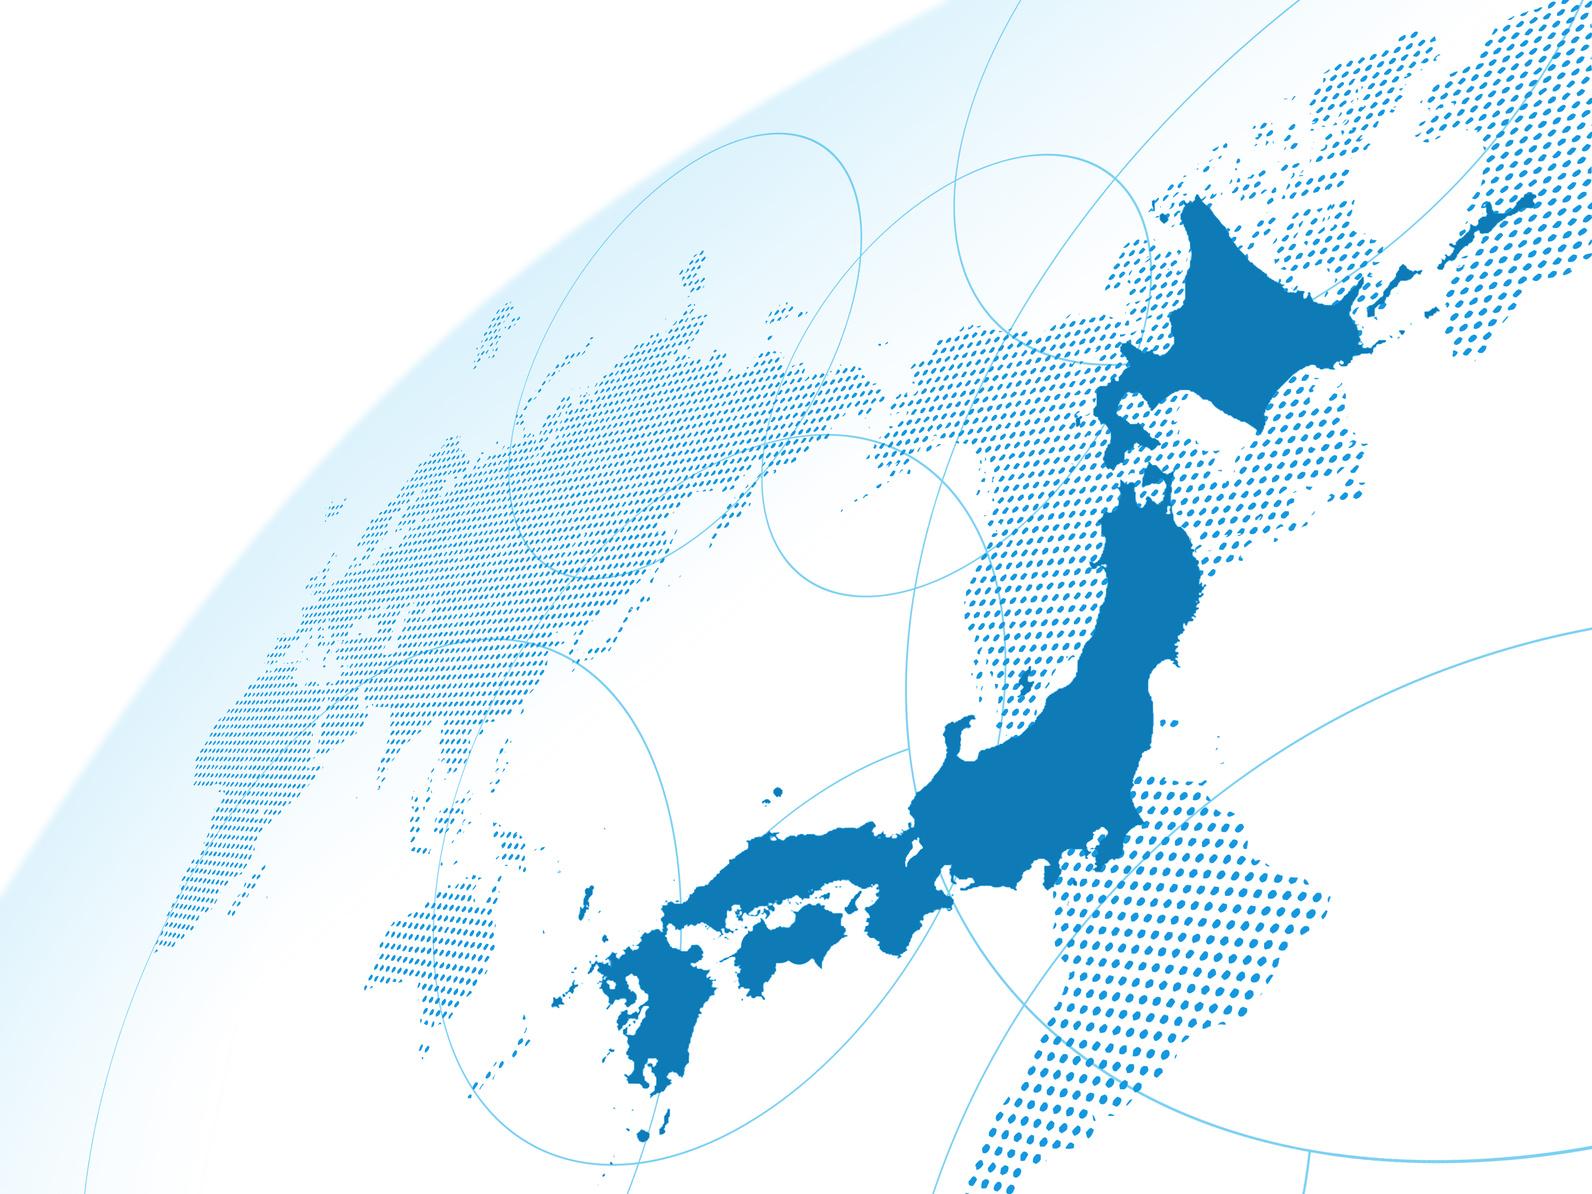 世界経済から俯瞰・過去の日本経済の歴史を解き明かす!今後の景気の動向は?